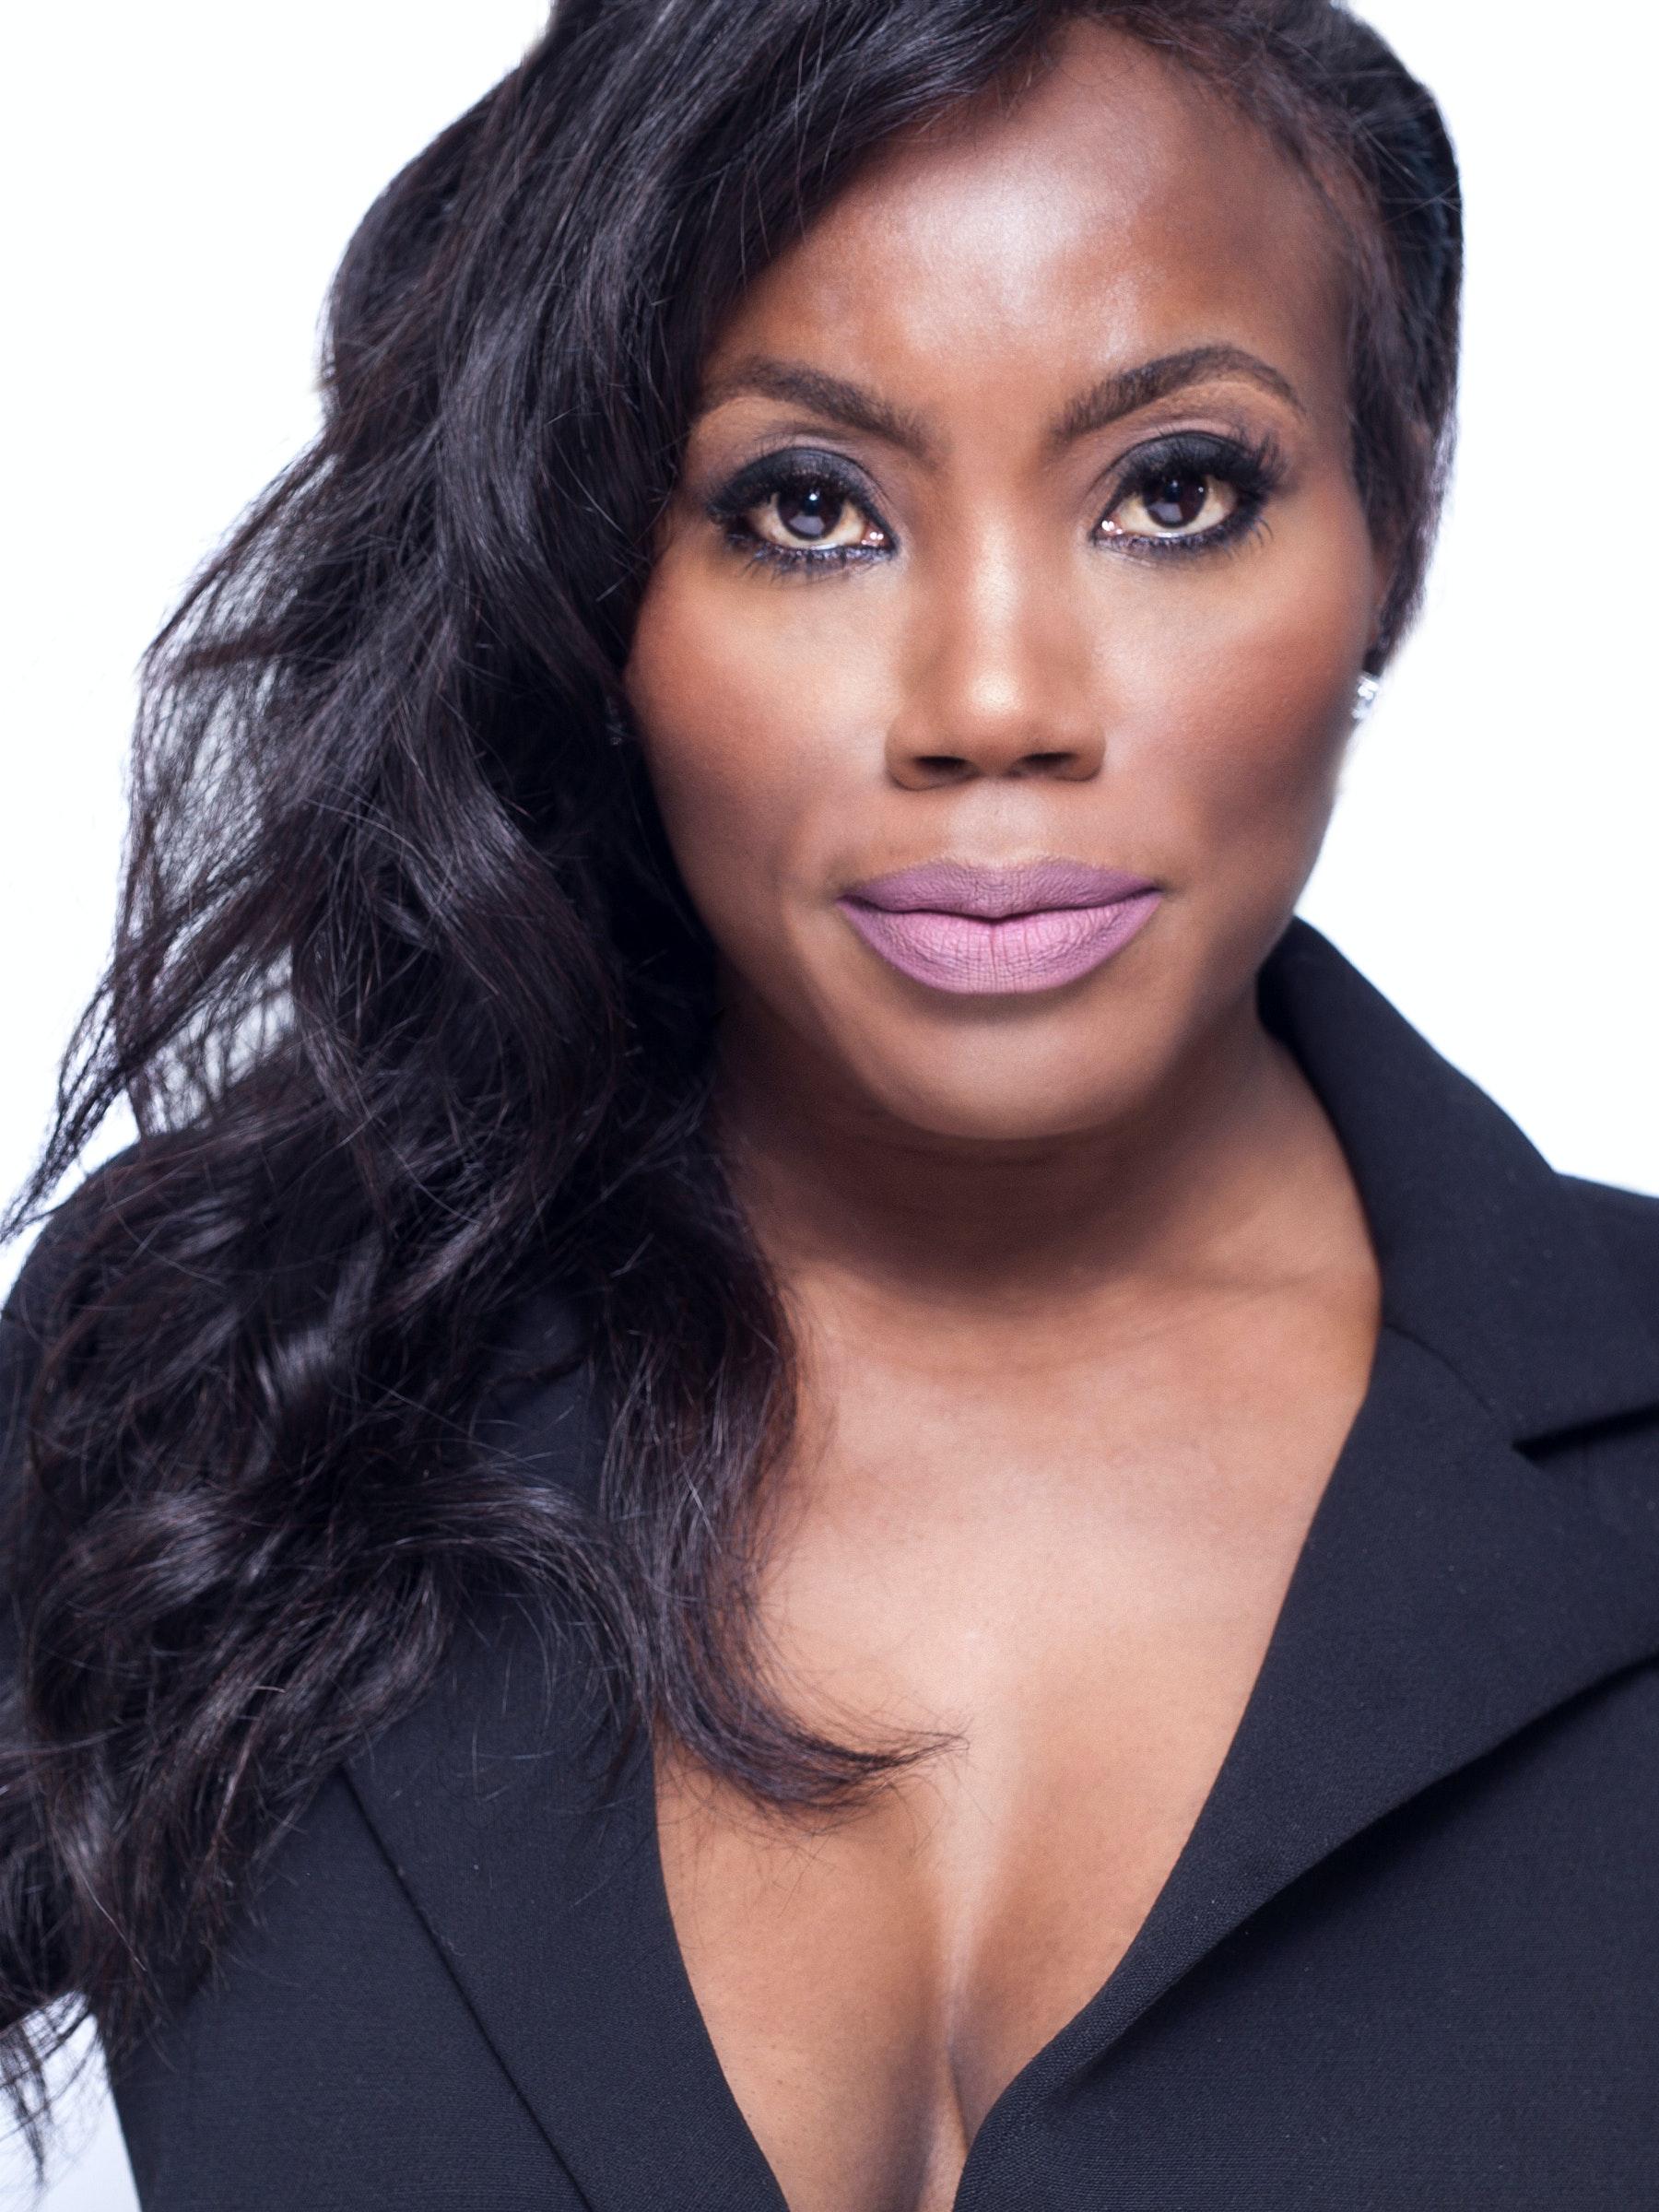 Clementina Richardson lash extensions nyc Entrepreneur